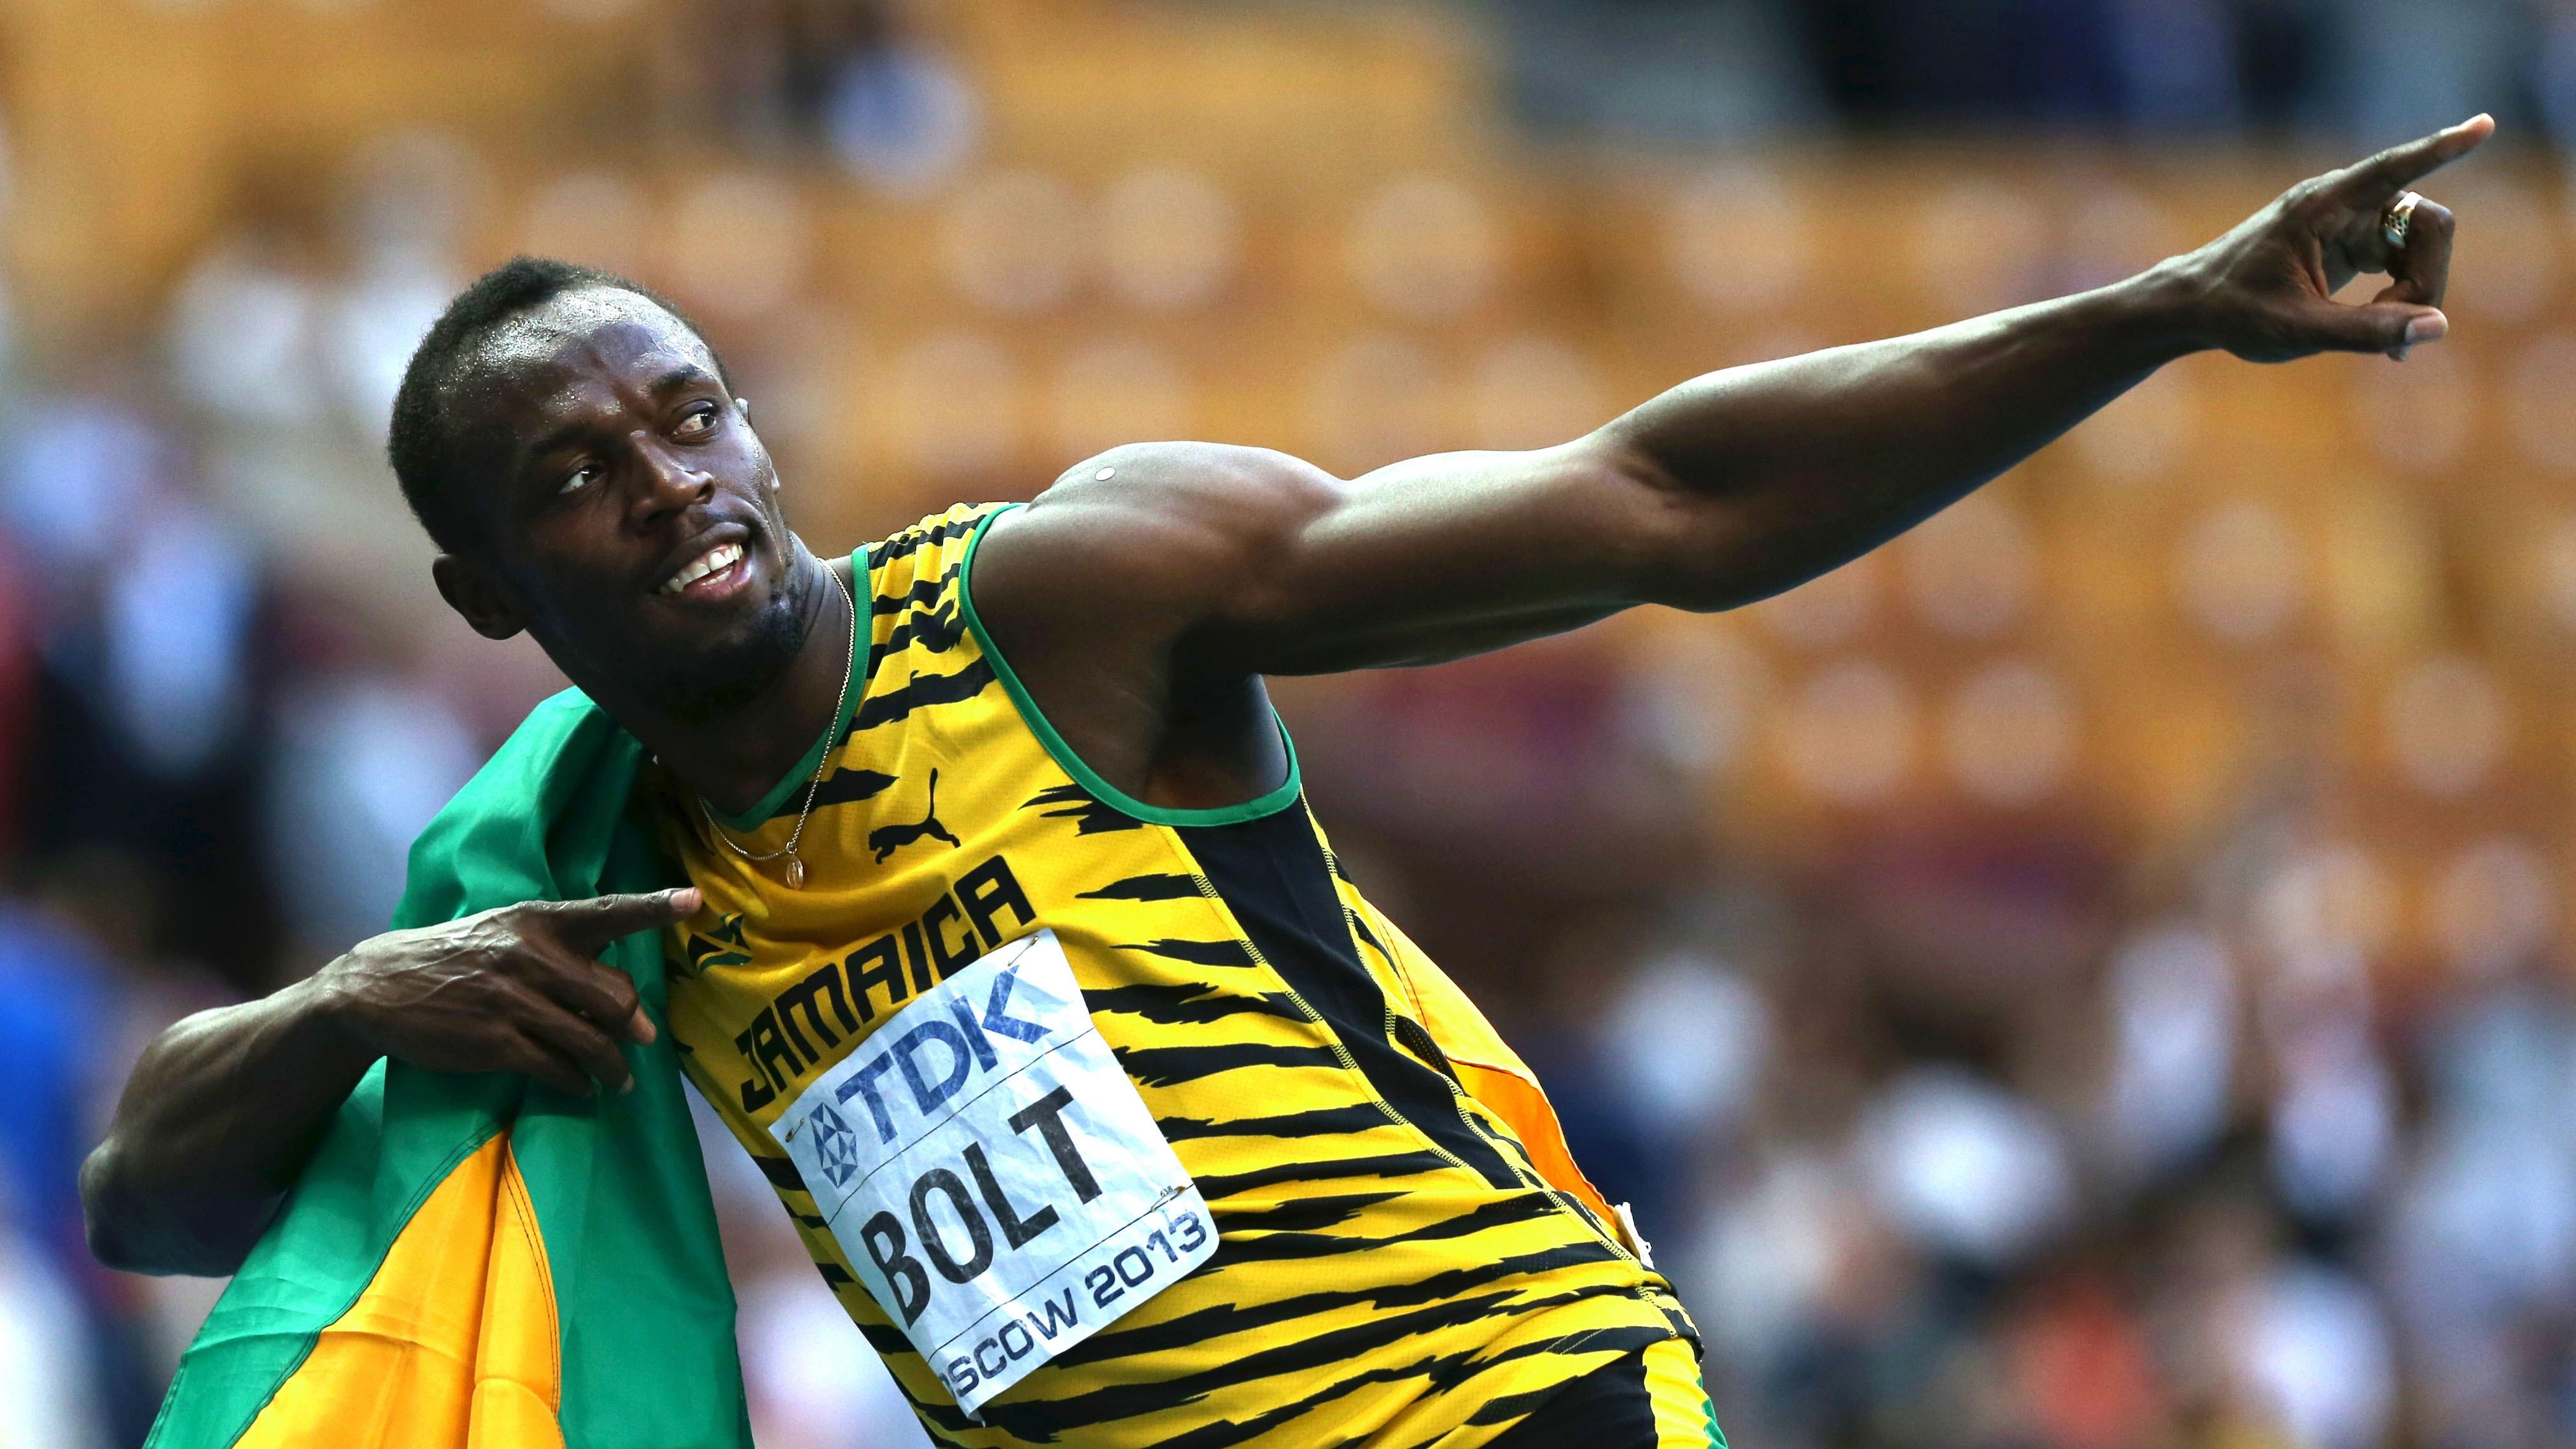 L'entraînement de musculation d'Usain Bolt